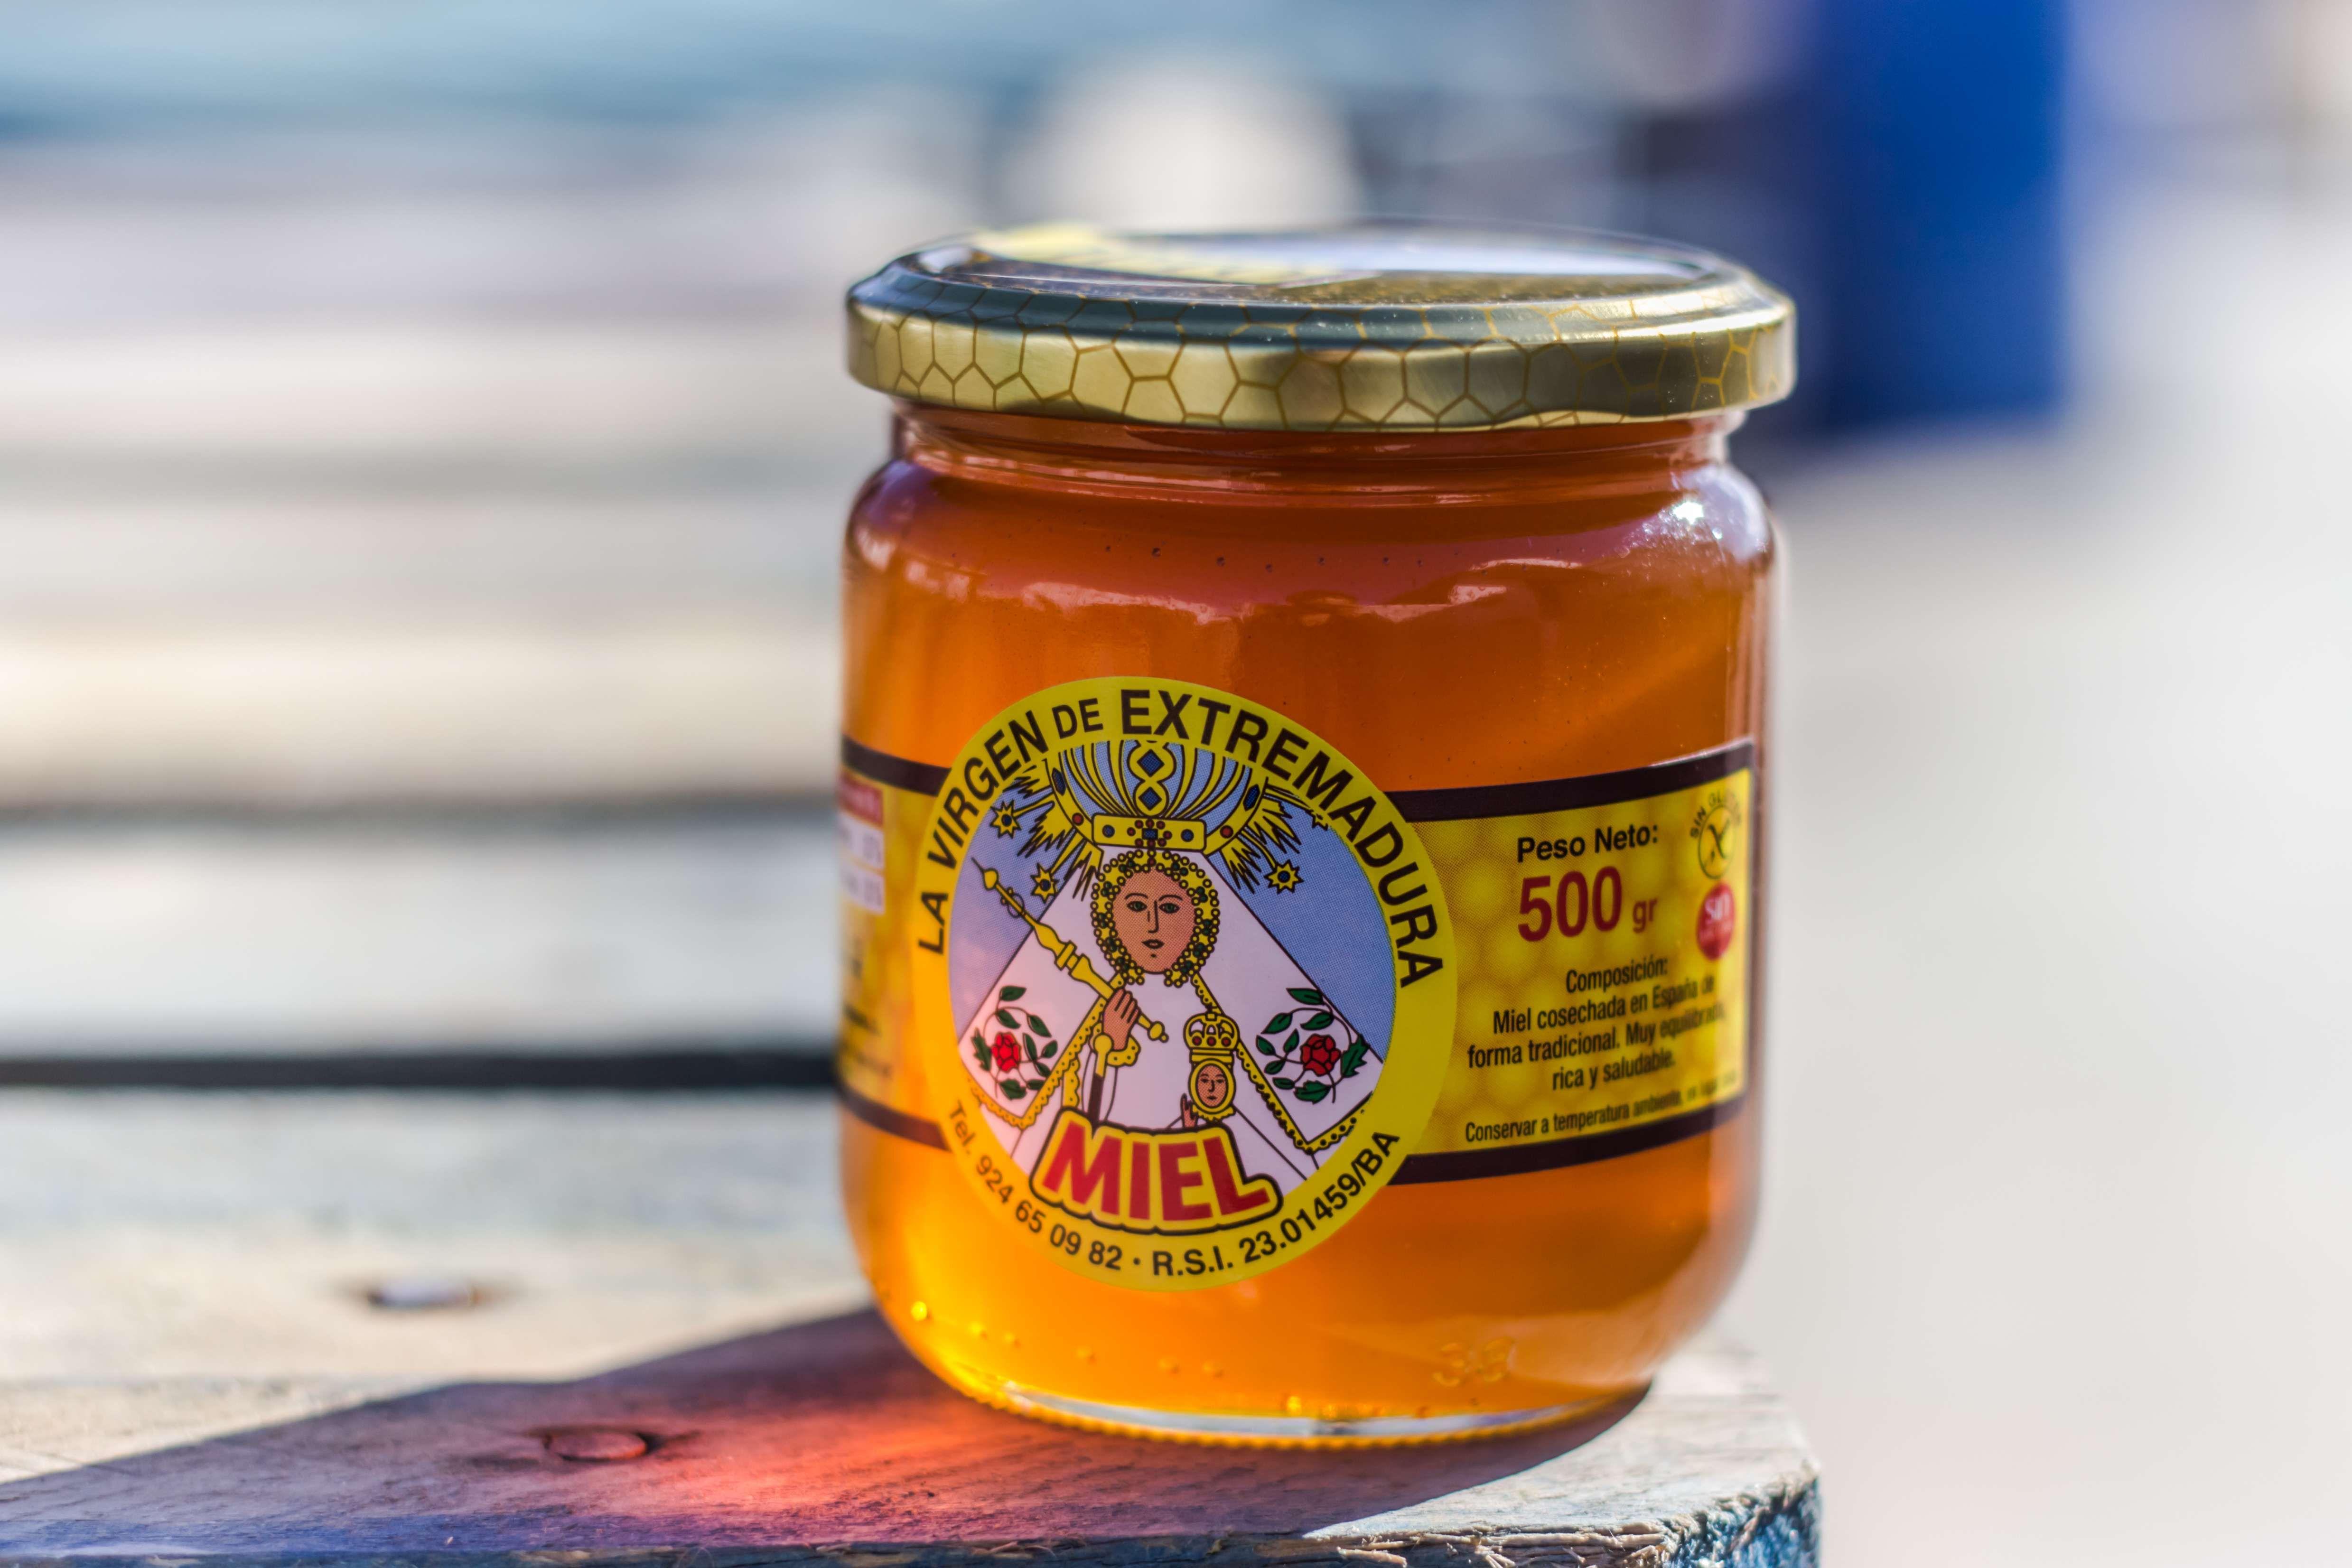 Foto 37 de Venta de miel, productos dietéticos y cosmética natural en Herrera del Duque | Miel Virgen de Extremadura